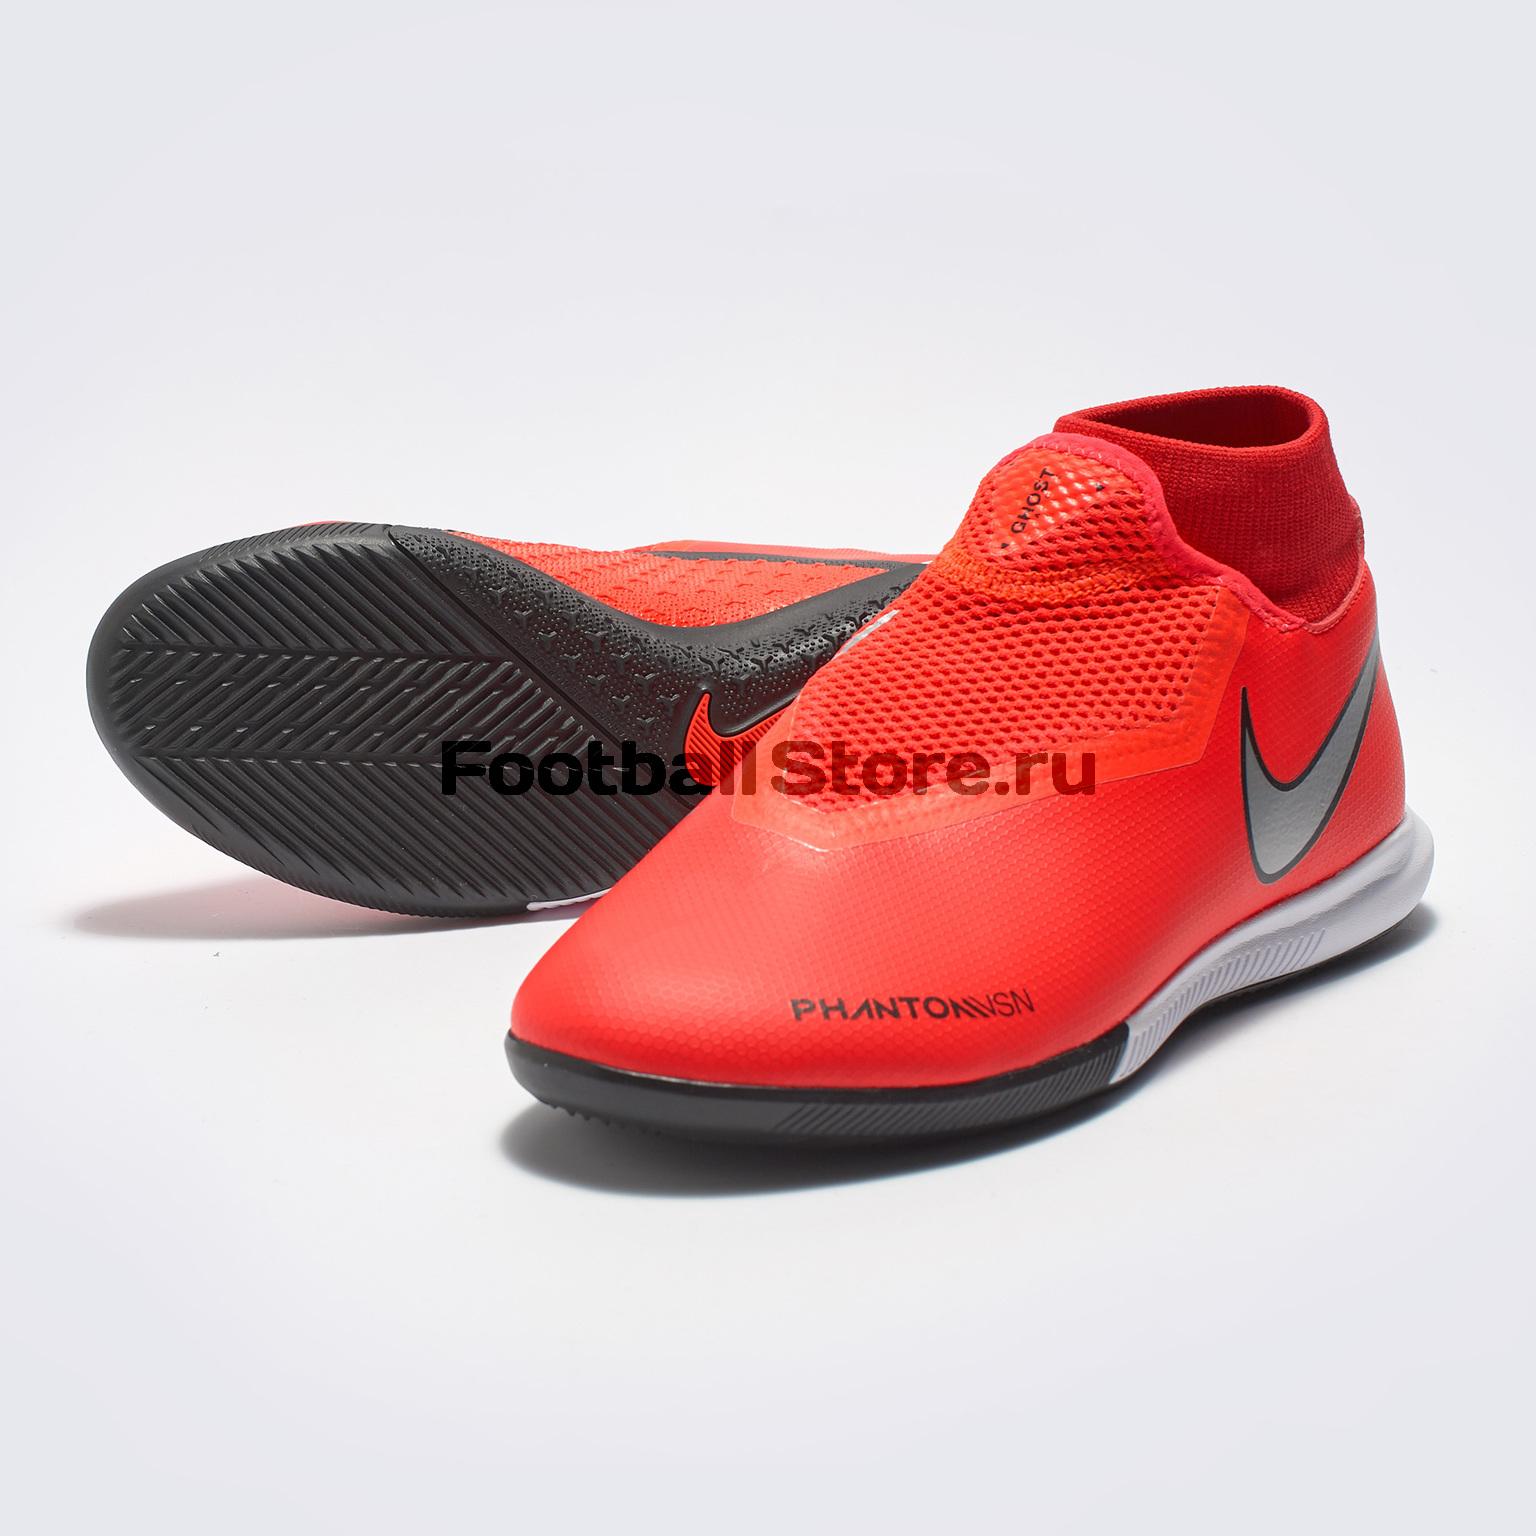 Футзалки Nike Phantom Vision Academy DF IC AO3267-600 ароматизатор воздуха chupa chups клубника со сливками на дефлектор мембранный 5 мл